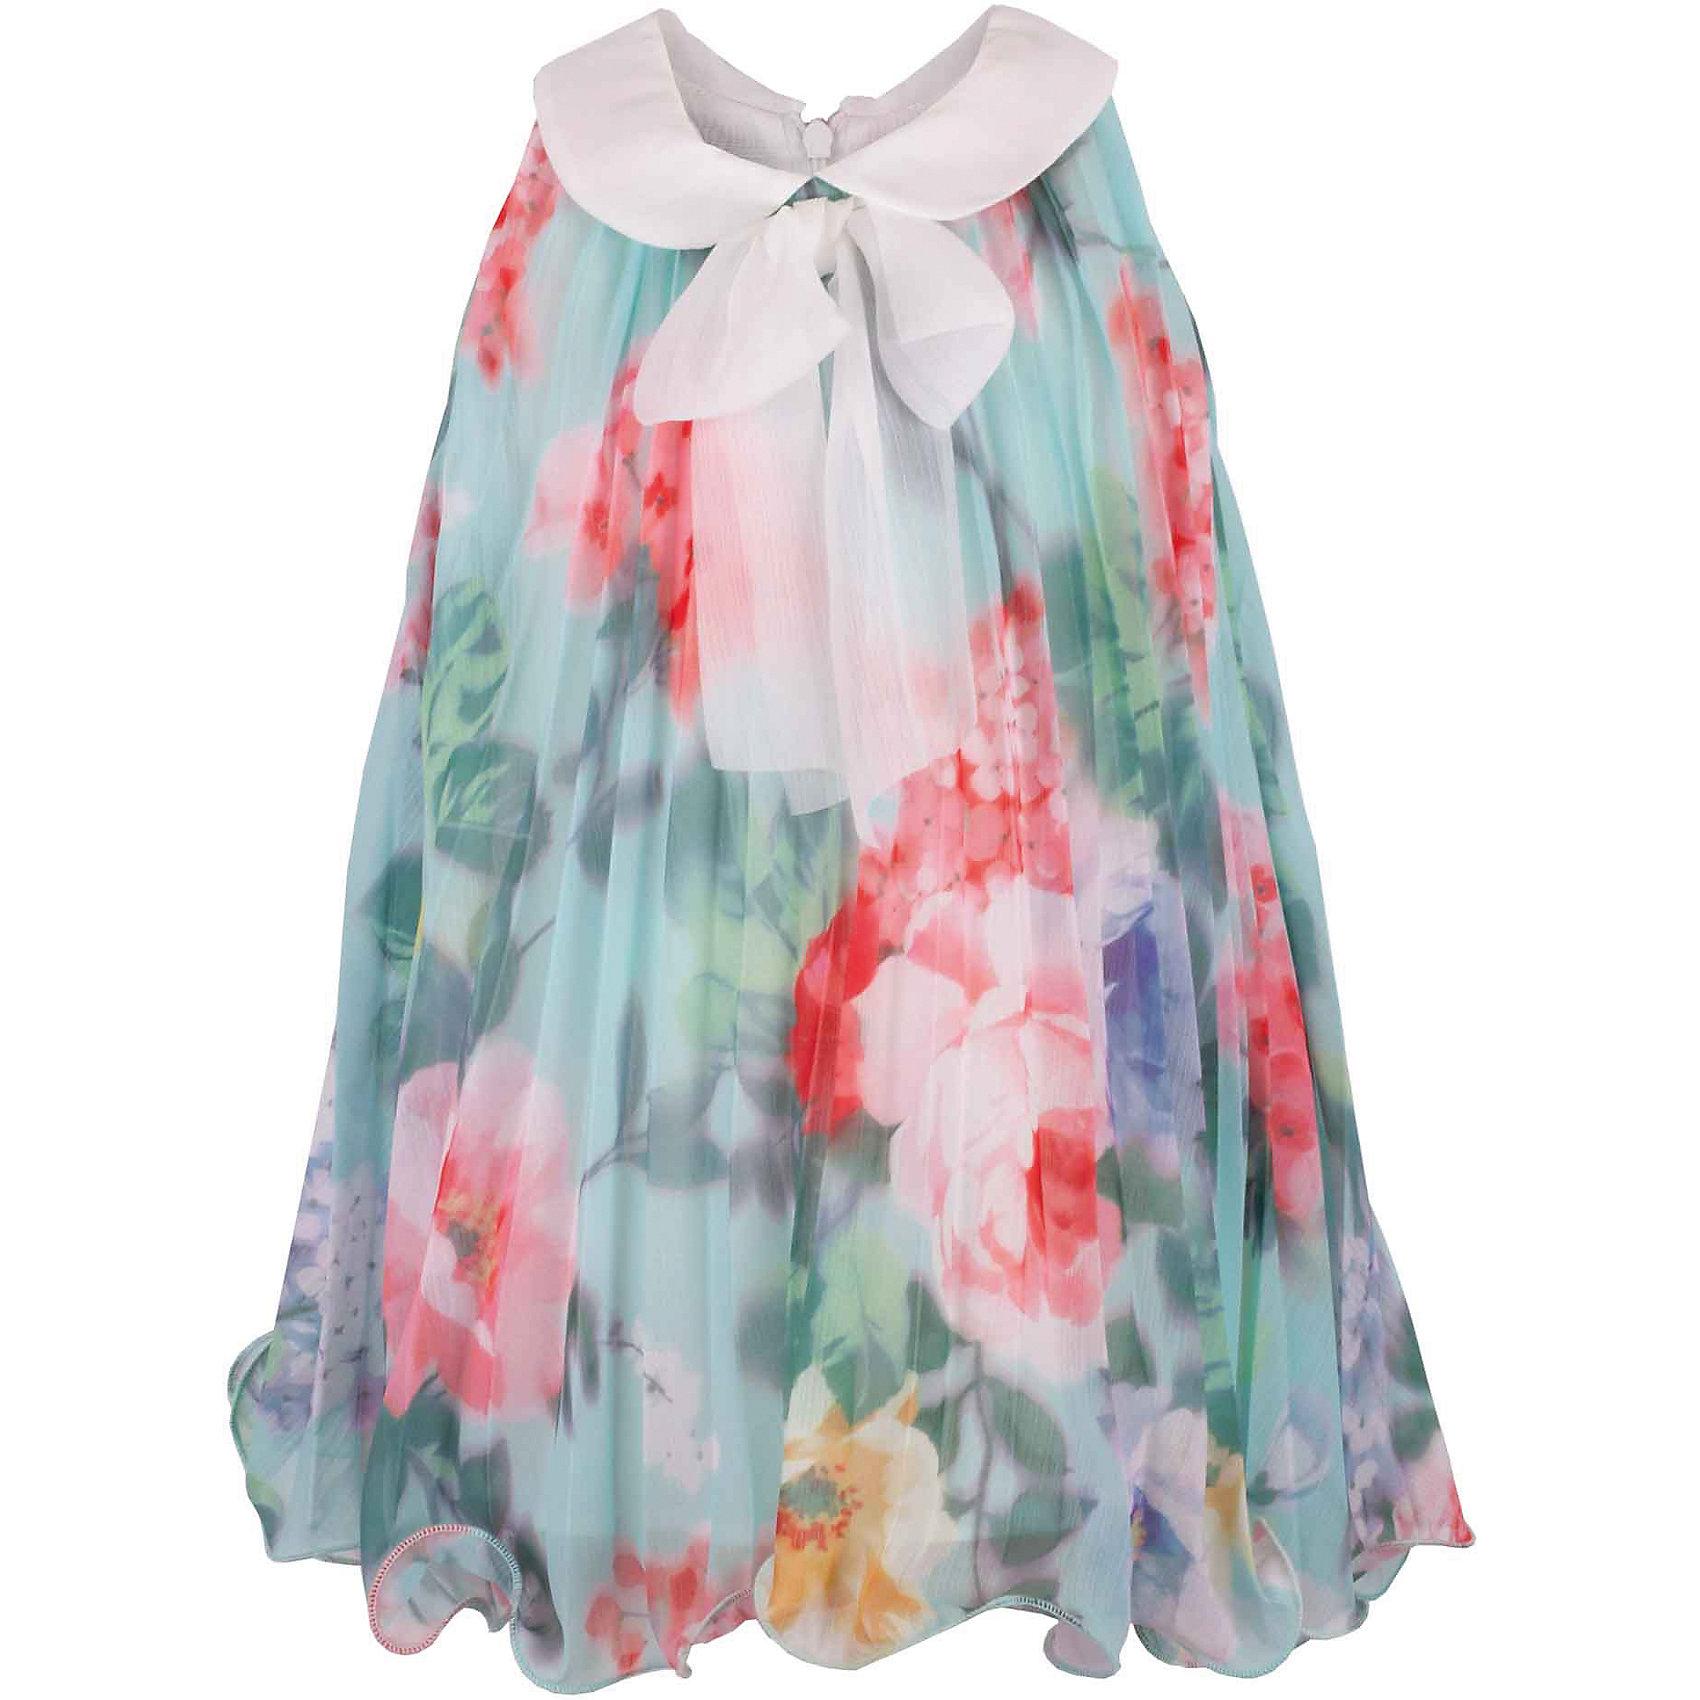 Платье для девочки GulliverОдежда<br>Воздушный орнаментальный шифон… Любое платье из него - настоящий шедевр! Потрясающий цветочный рисунок ткани в розово-ментоловой гамме, летящий трапециевидный силуэт, элегантное оформление горловины легким бантом настраивают на романтический лад, создавая нежный благородный образ, наполненной красотой и изяществом. Если вы предпочитаете иметь в гардеробе малышки одну стильную нарядную вещь, вам стоит купить платье из коллекции Акварель и вашему ребенку гарантирован образ принцессы с хорошим вкусом и благородными манерами.<br>Состав:<br>100% хлопок/100% полиэстер<br><br>Ширина мм: 236<br>Глубина мм: 16<br>Высота мм: 184<br>Вес г: 177<br>Цвет: голубой<br>Возраст от месяцев: 12<br>Возраст до месяцев: 15<br>Пол: Женский<br>Возраст: Детский<br>Размер: 80,86,80<br>SKU: 5483361